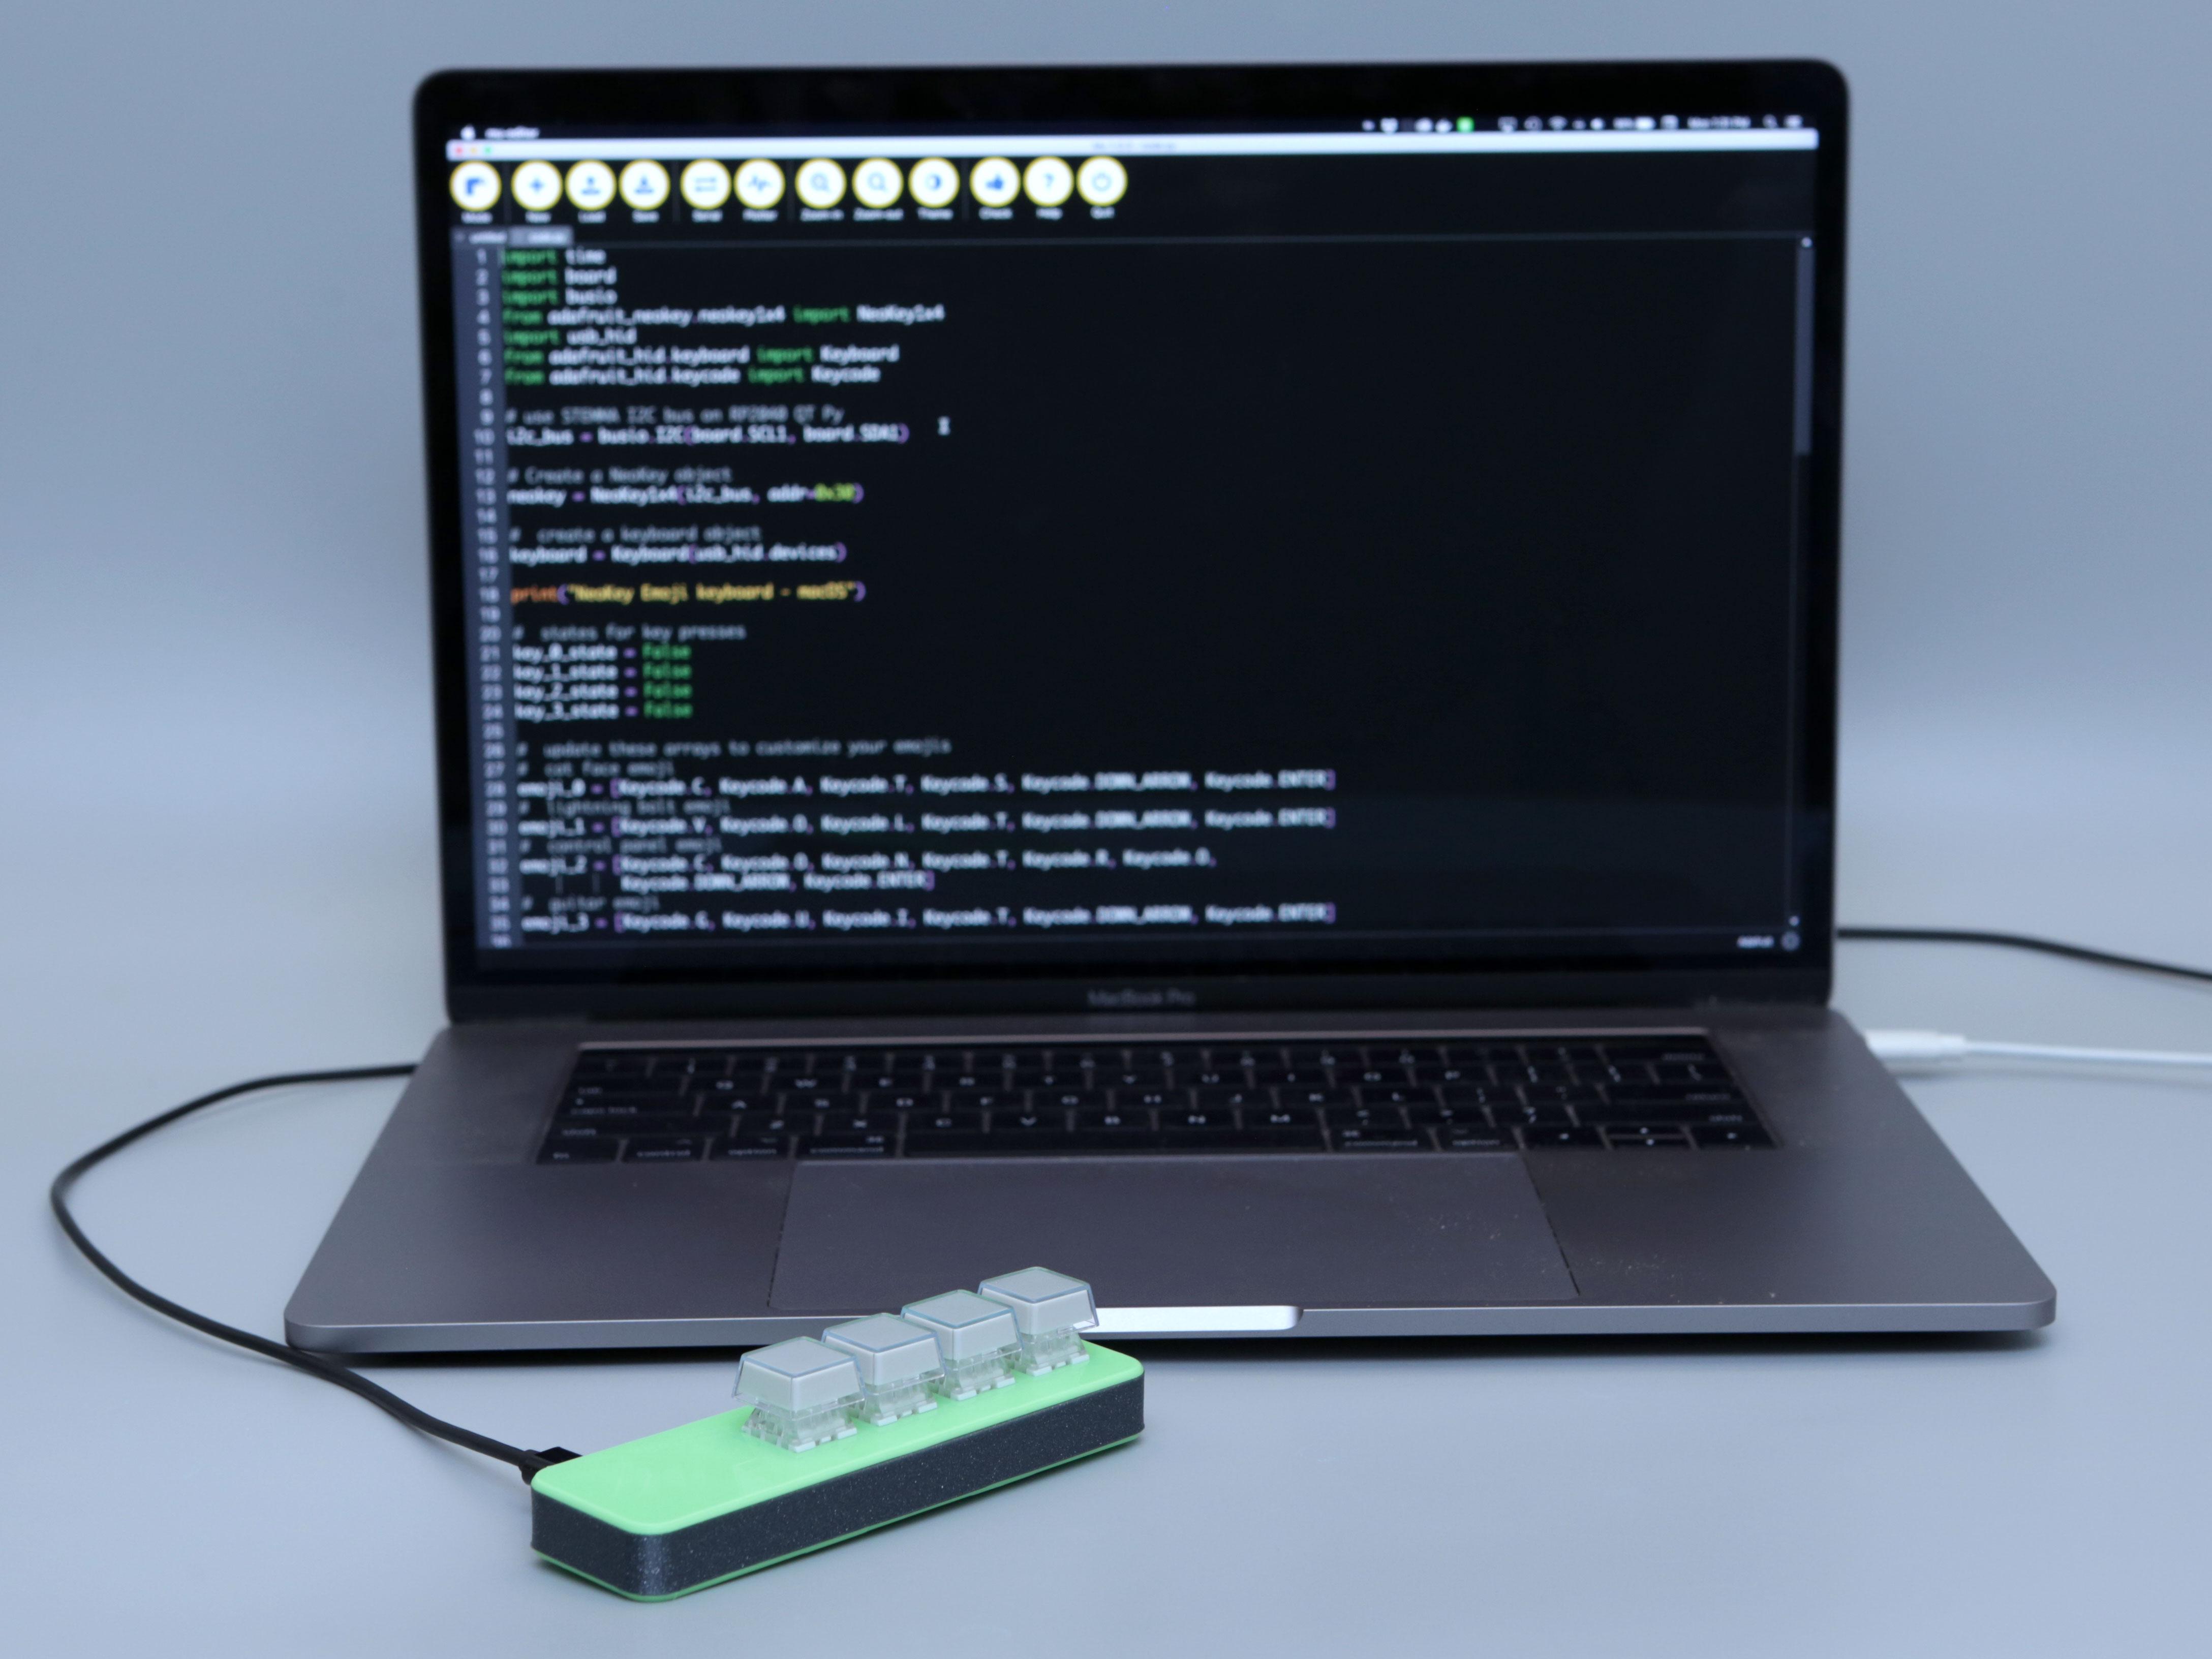 circuitpython_laptop-code.jpg